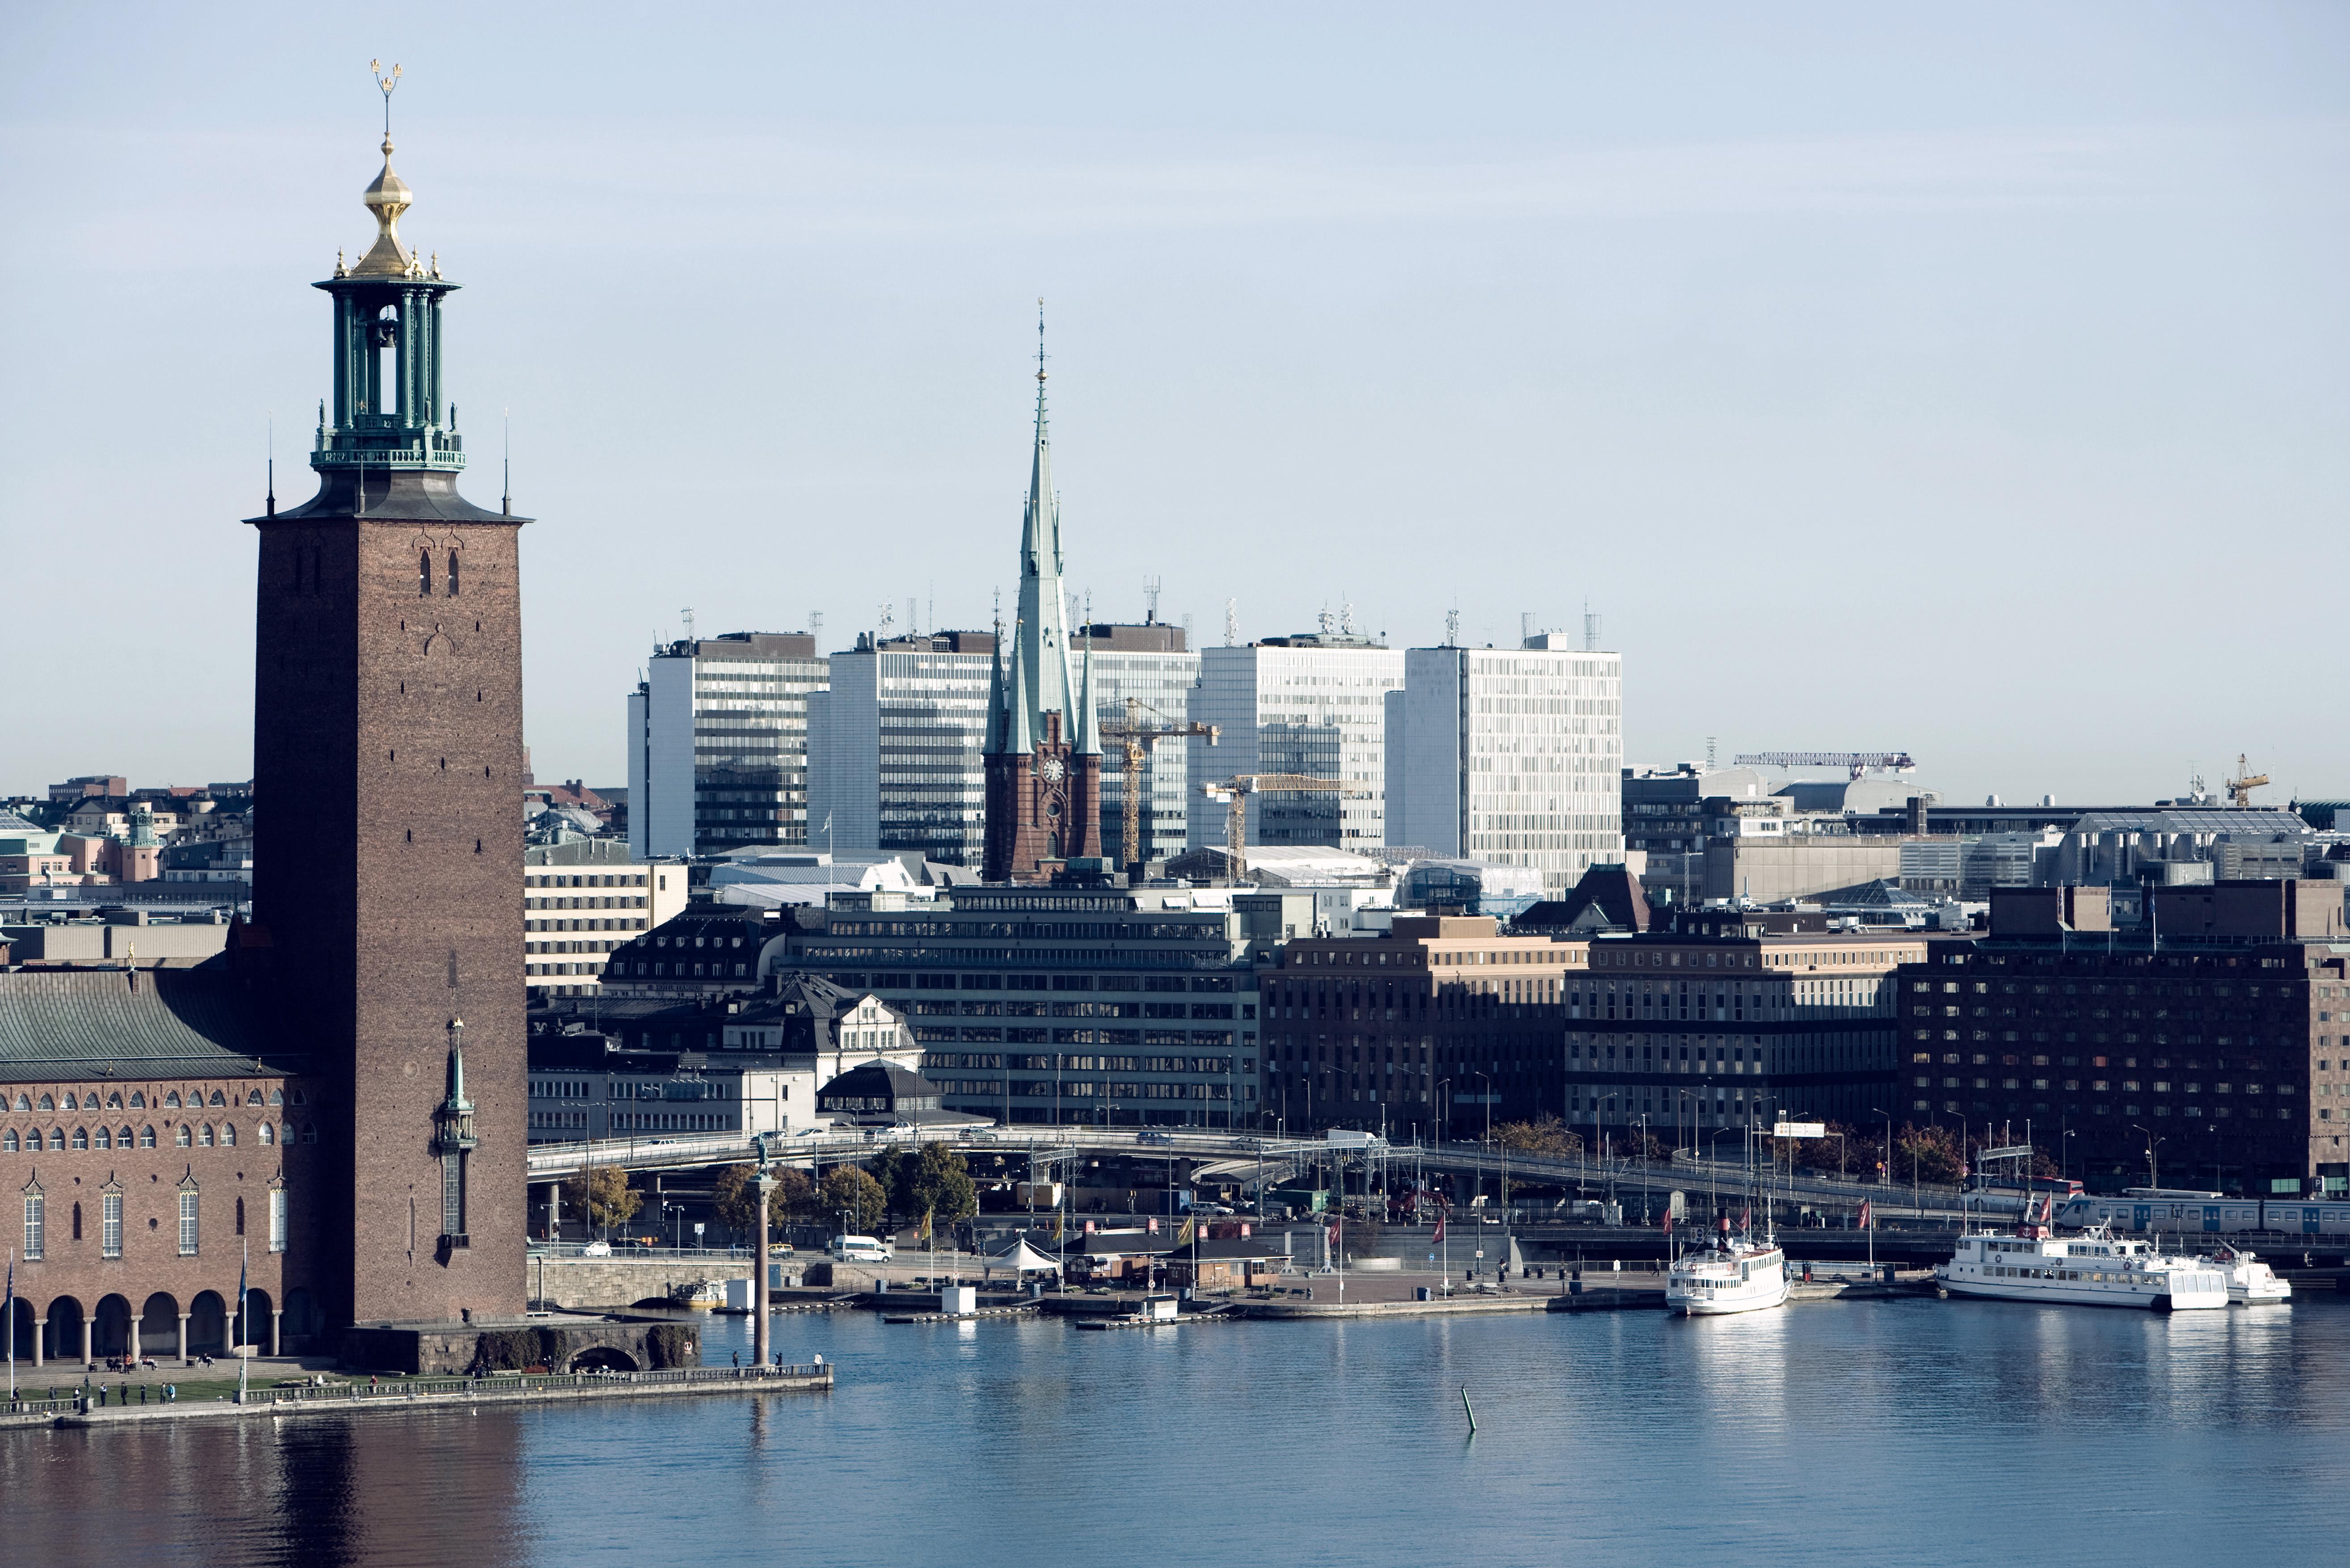 Contact Sweden